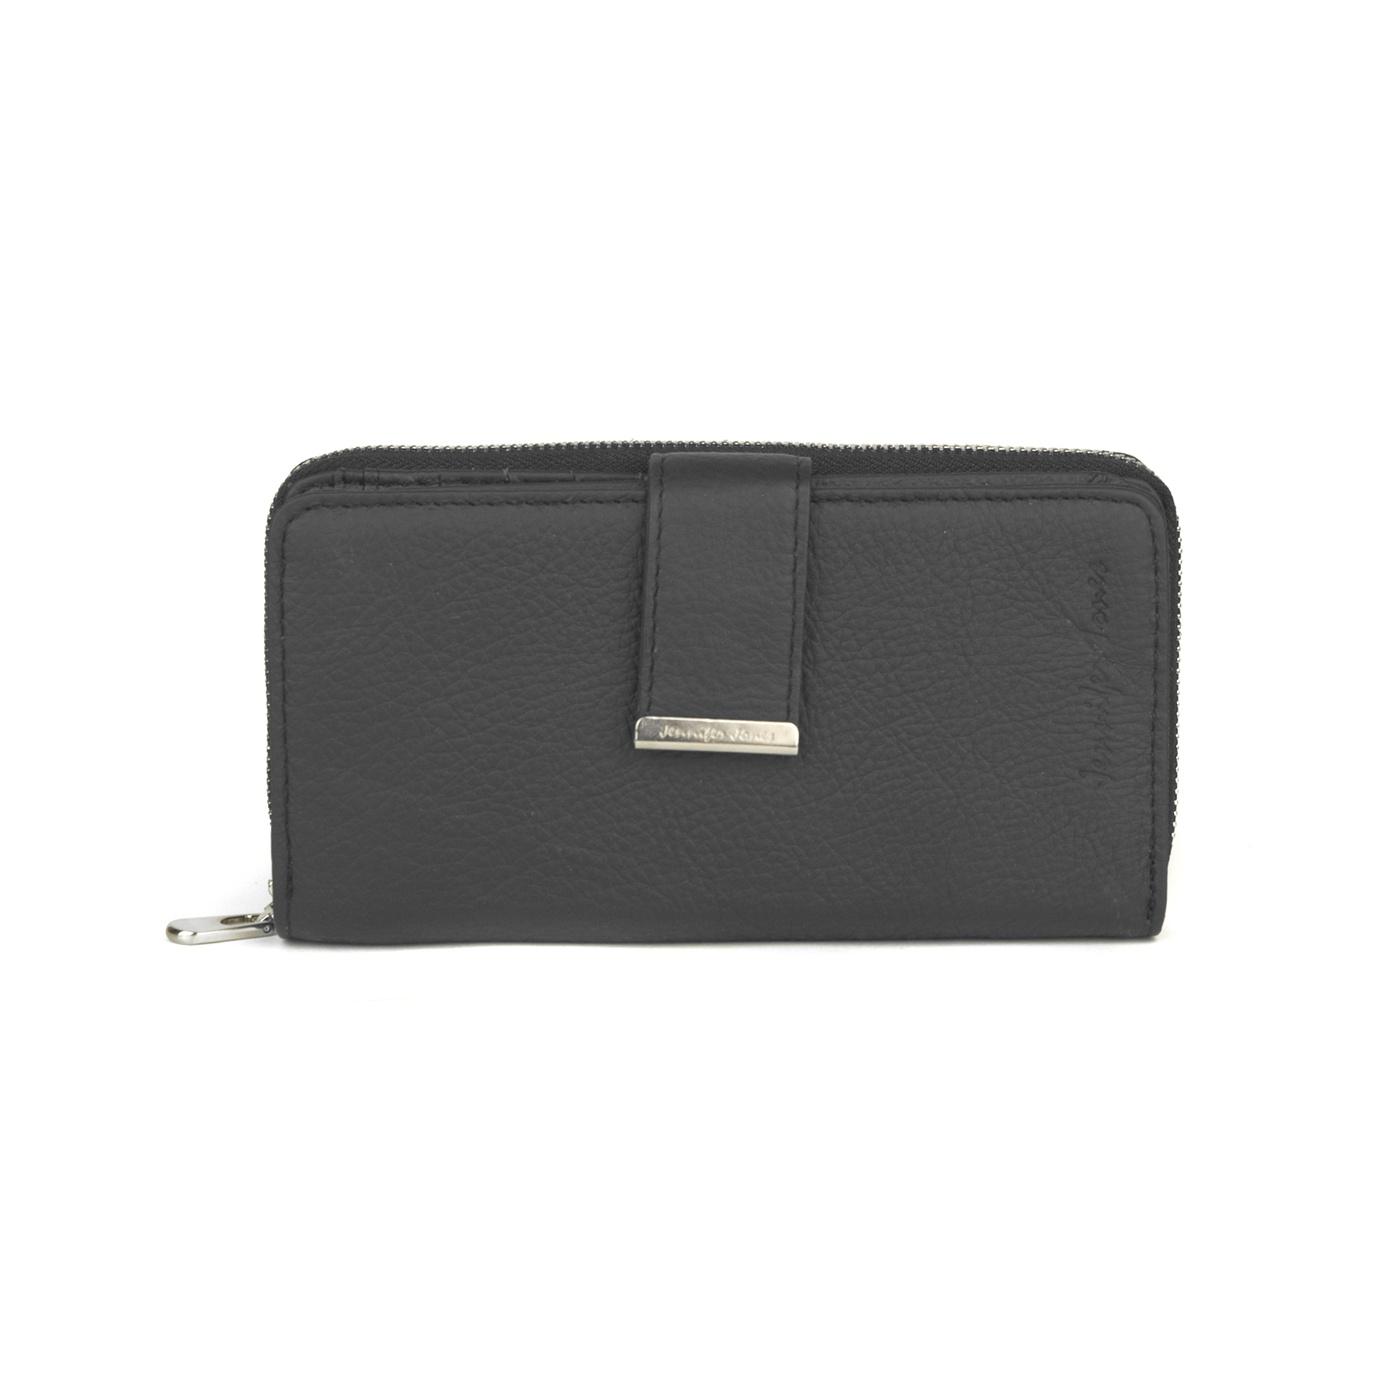 Damski portfel skórzany Jennifer Jones - czarny